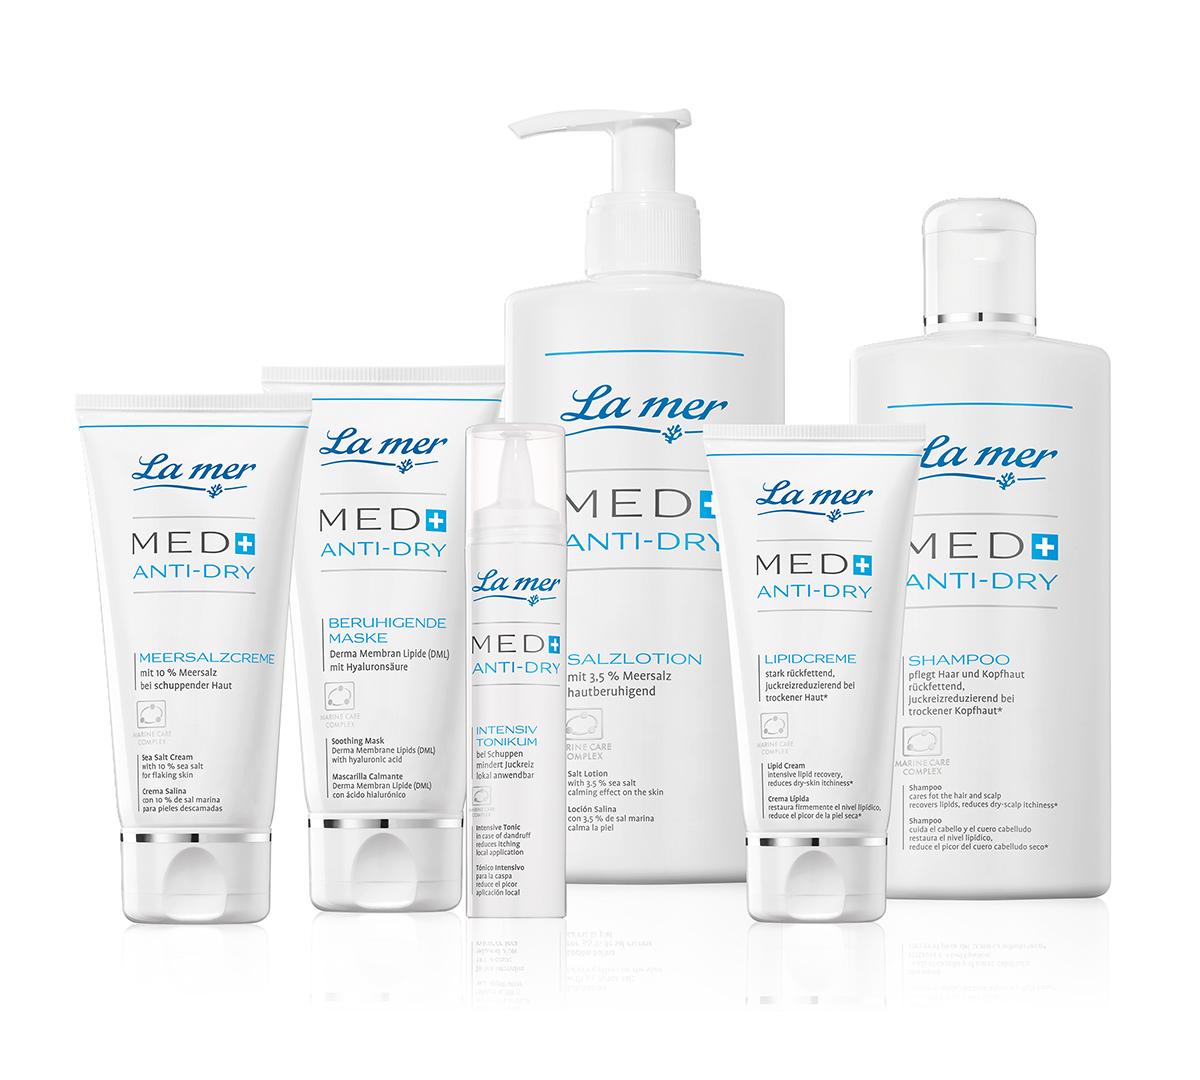 MED+ Anti-Dry